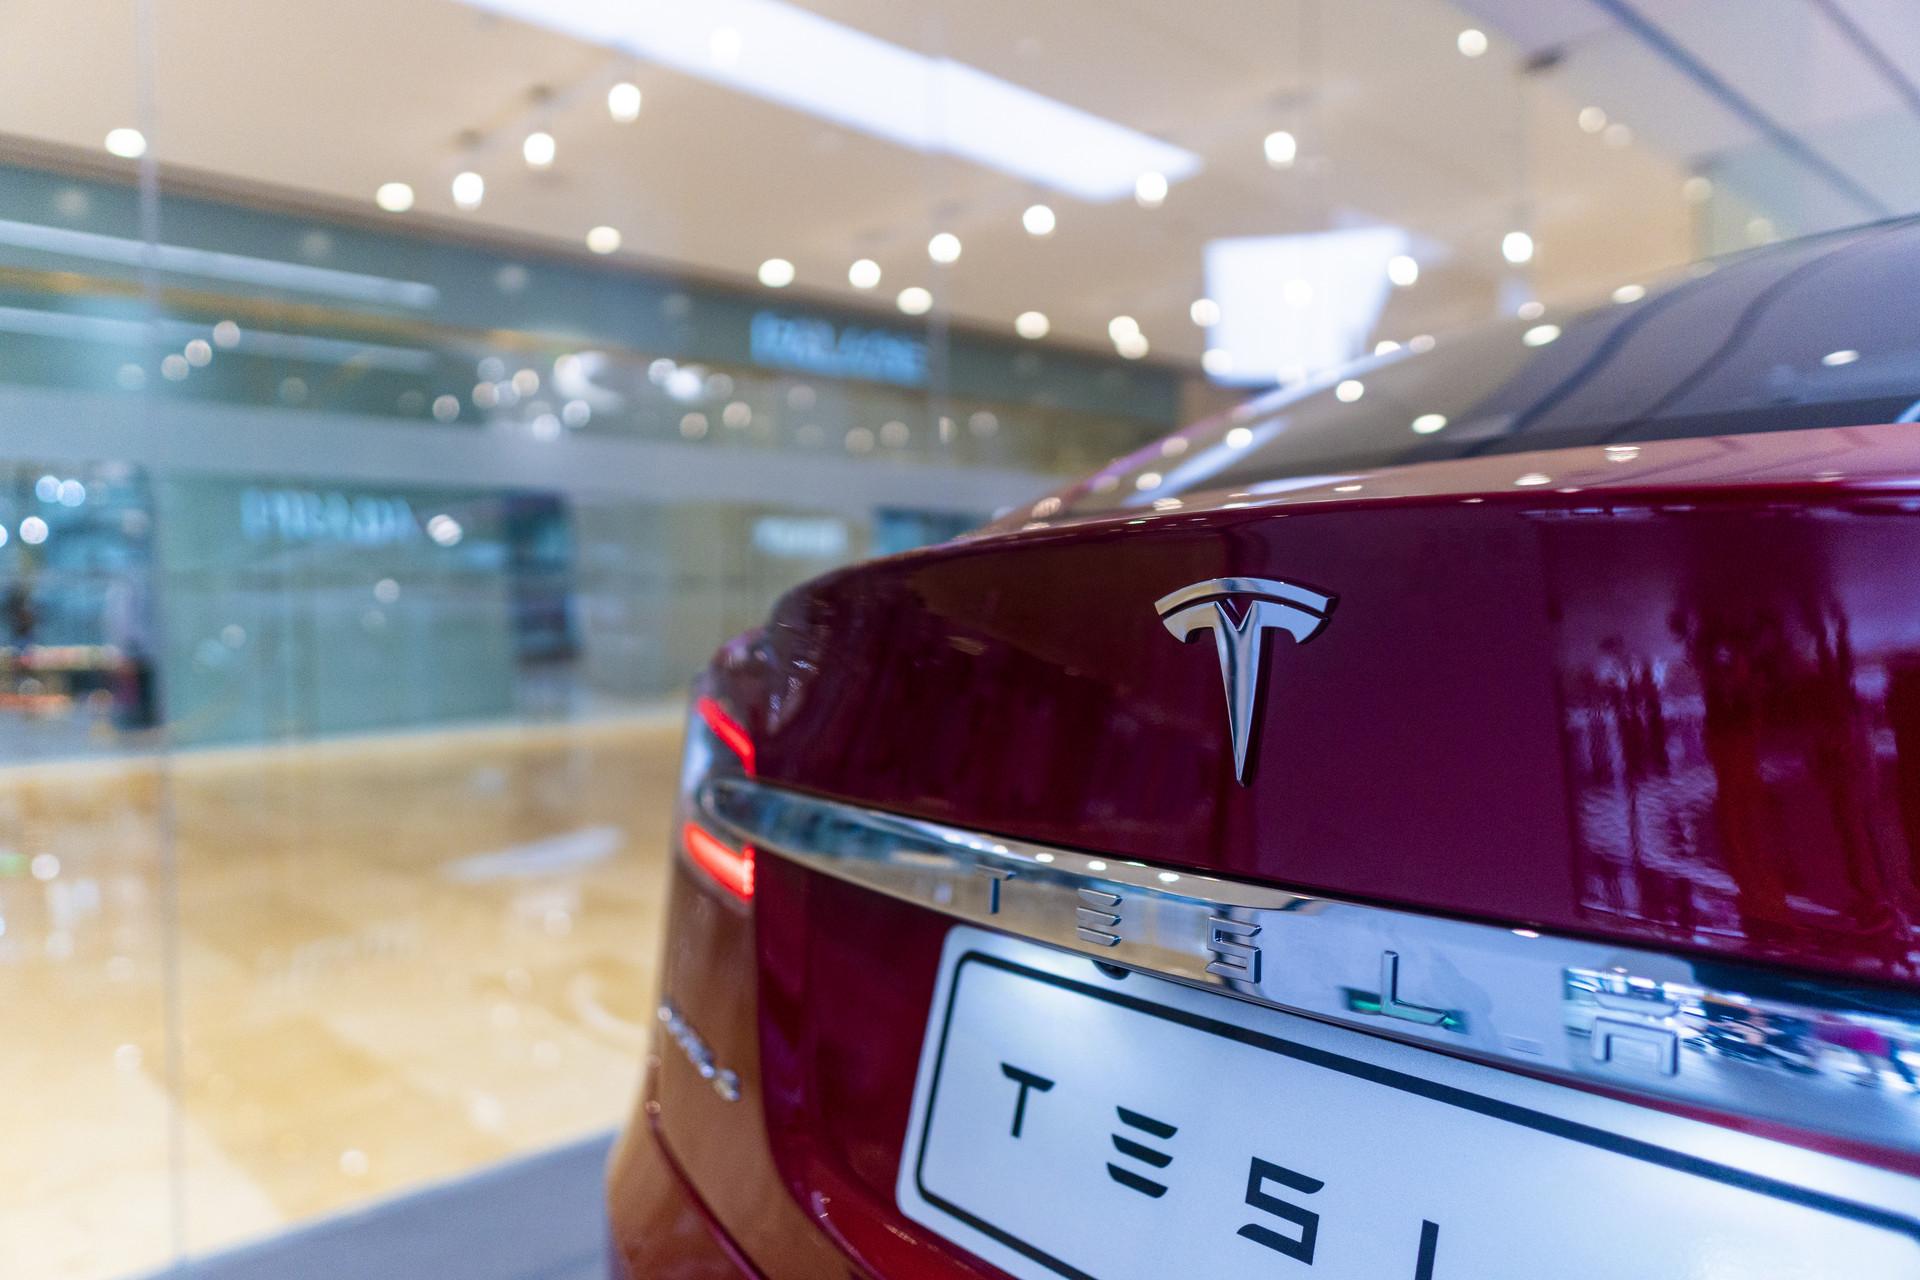 国内造车新势力前4月销量:特斯拉第一蔚来理想紧随其后